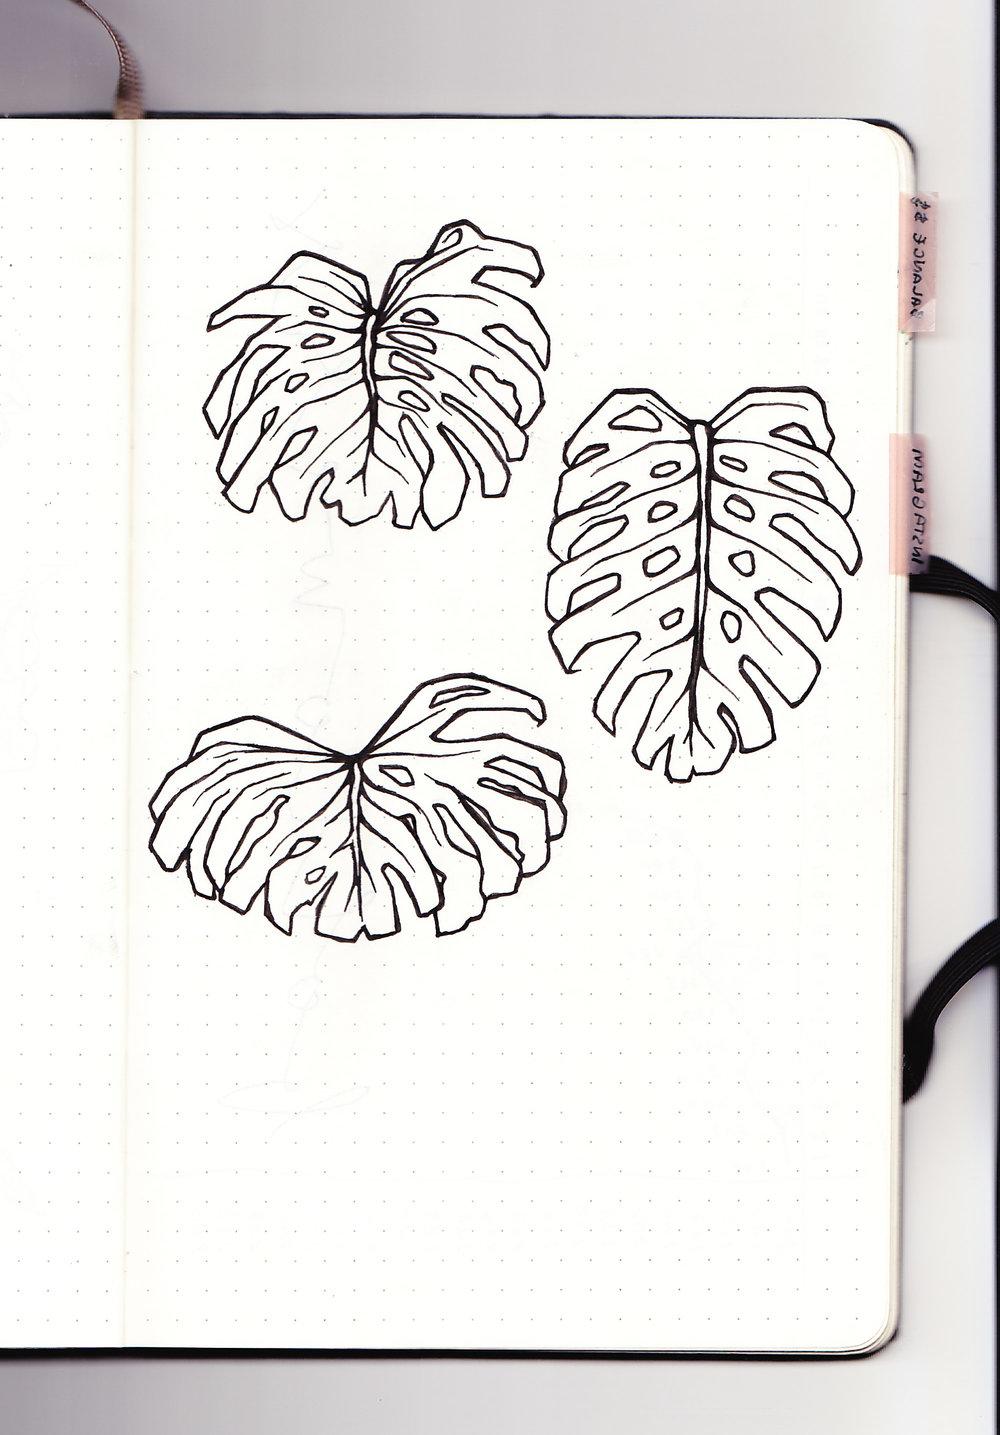 Sketch_015.jpg